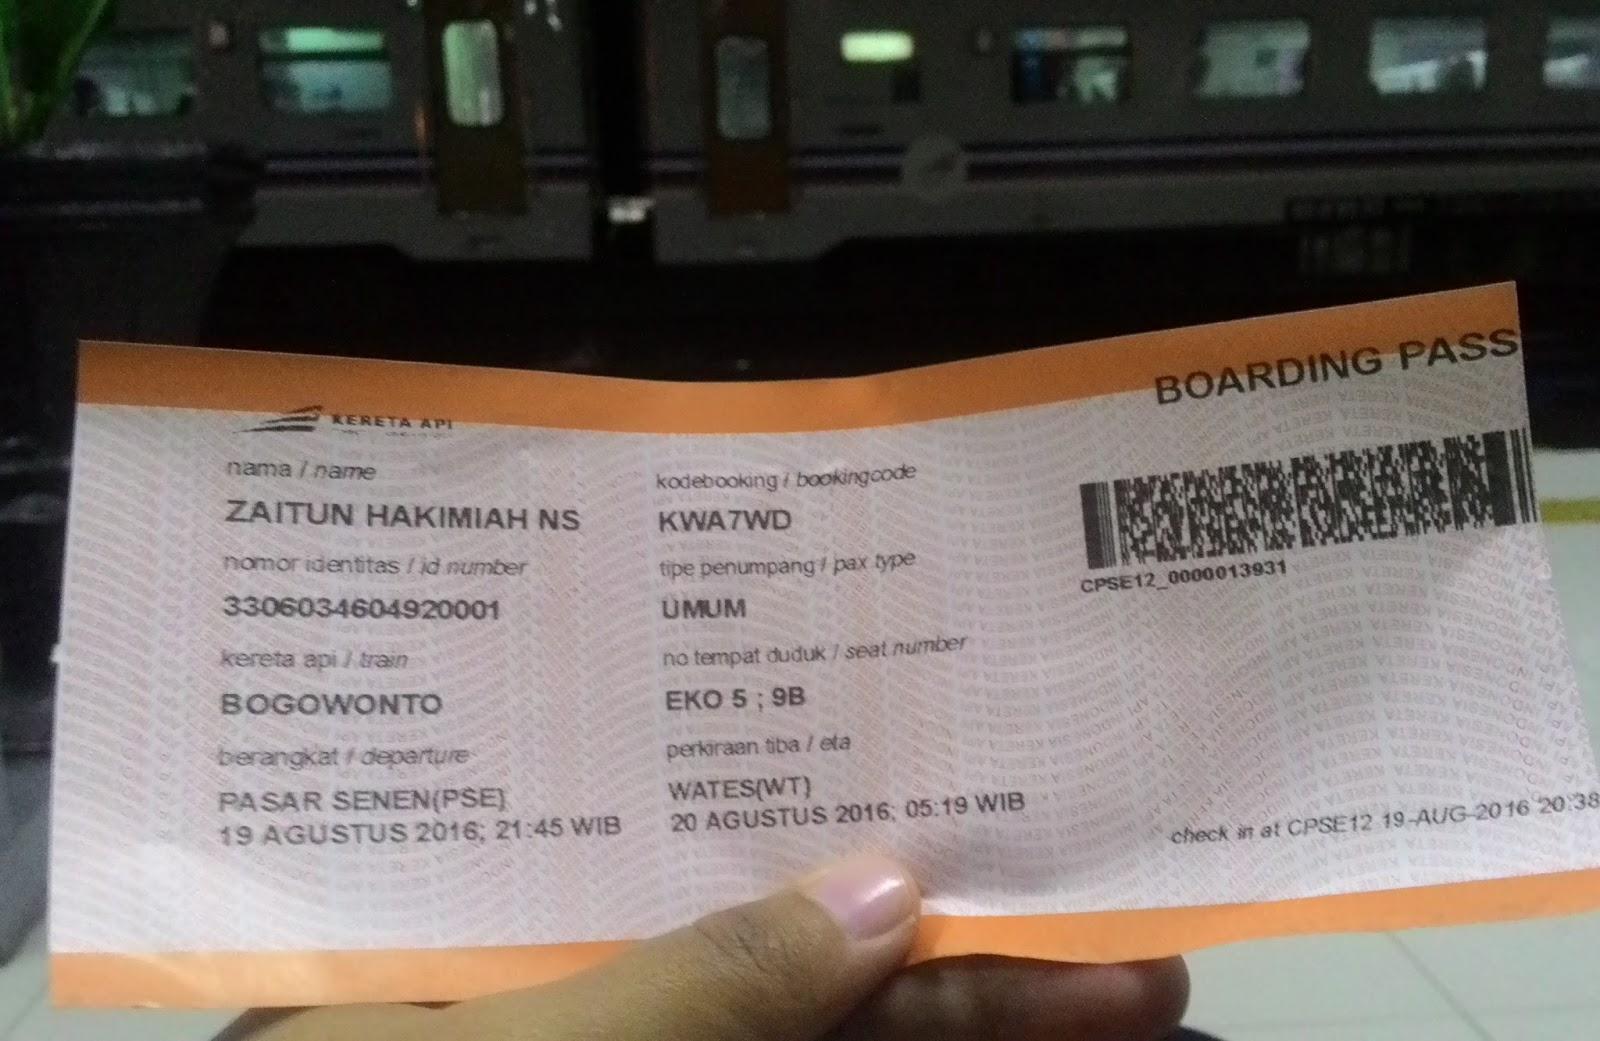 Boarding Pass Kereta Api Wamubutabi